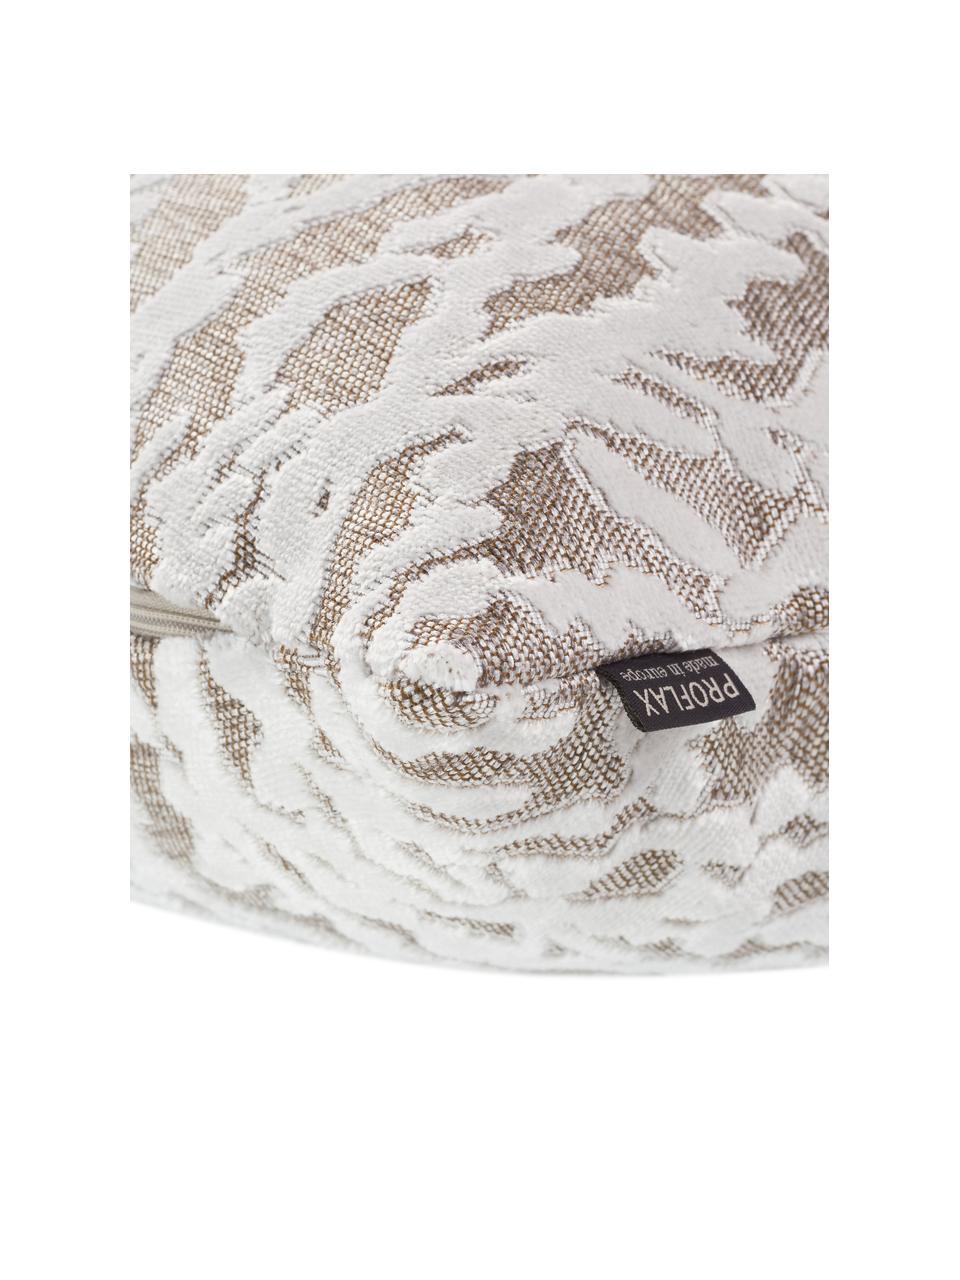 Kussenhoes Elio met structuurpatroon in crèmewit/beige, 52% viscose, 41% polyester, 7% katoen, Beige, crèmewit, 40 x 40 cm